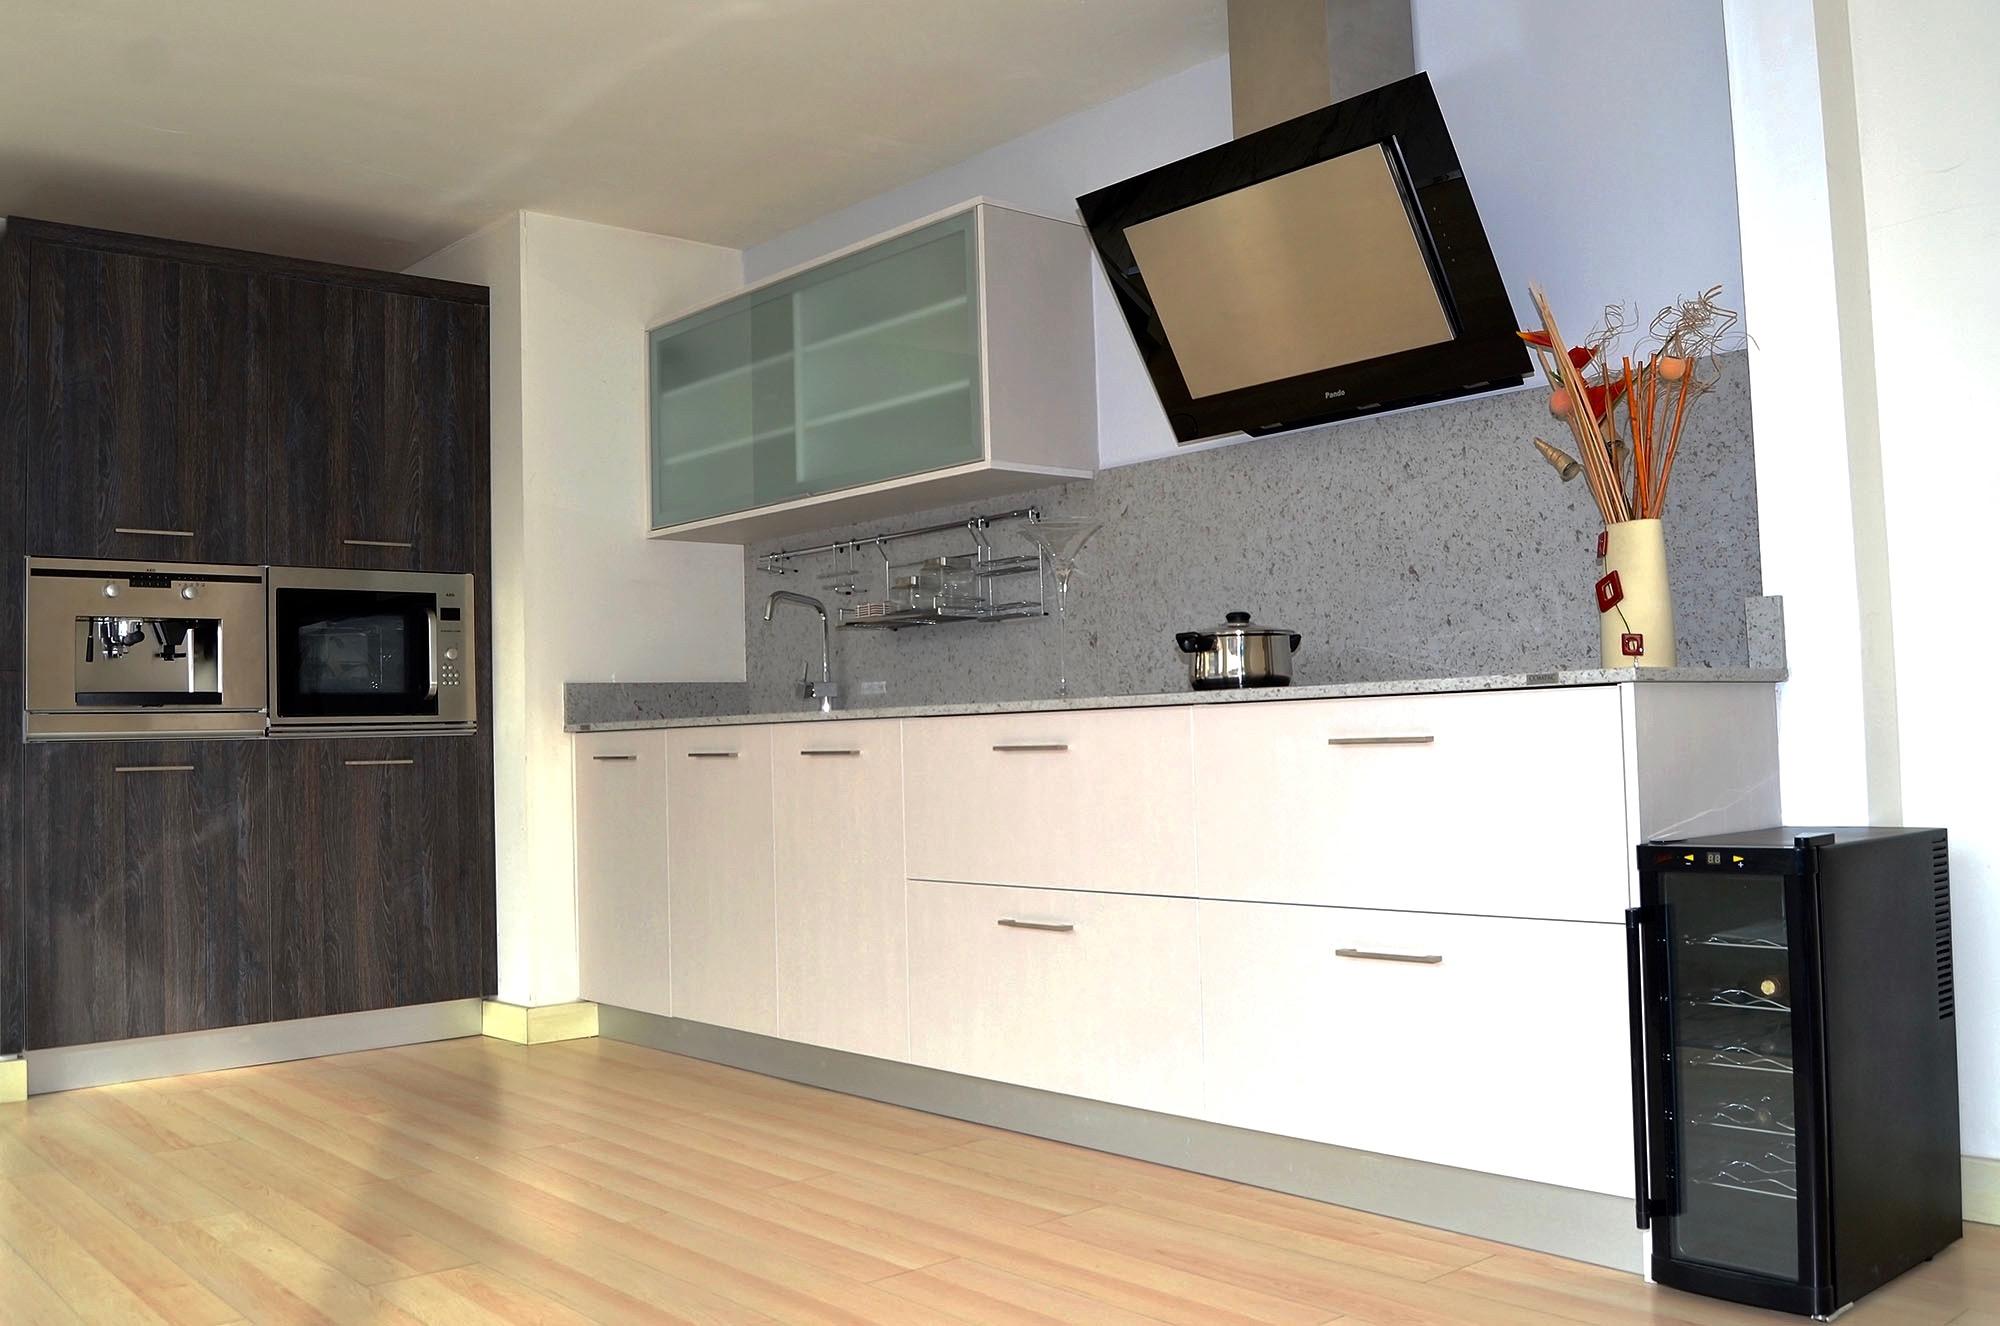 Muebles De Cocina Baratos Santander Ocinel Com # Muebles Tirador Santander